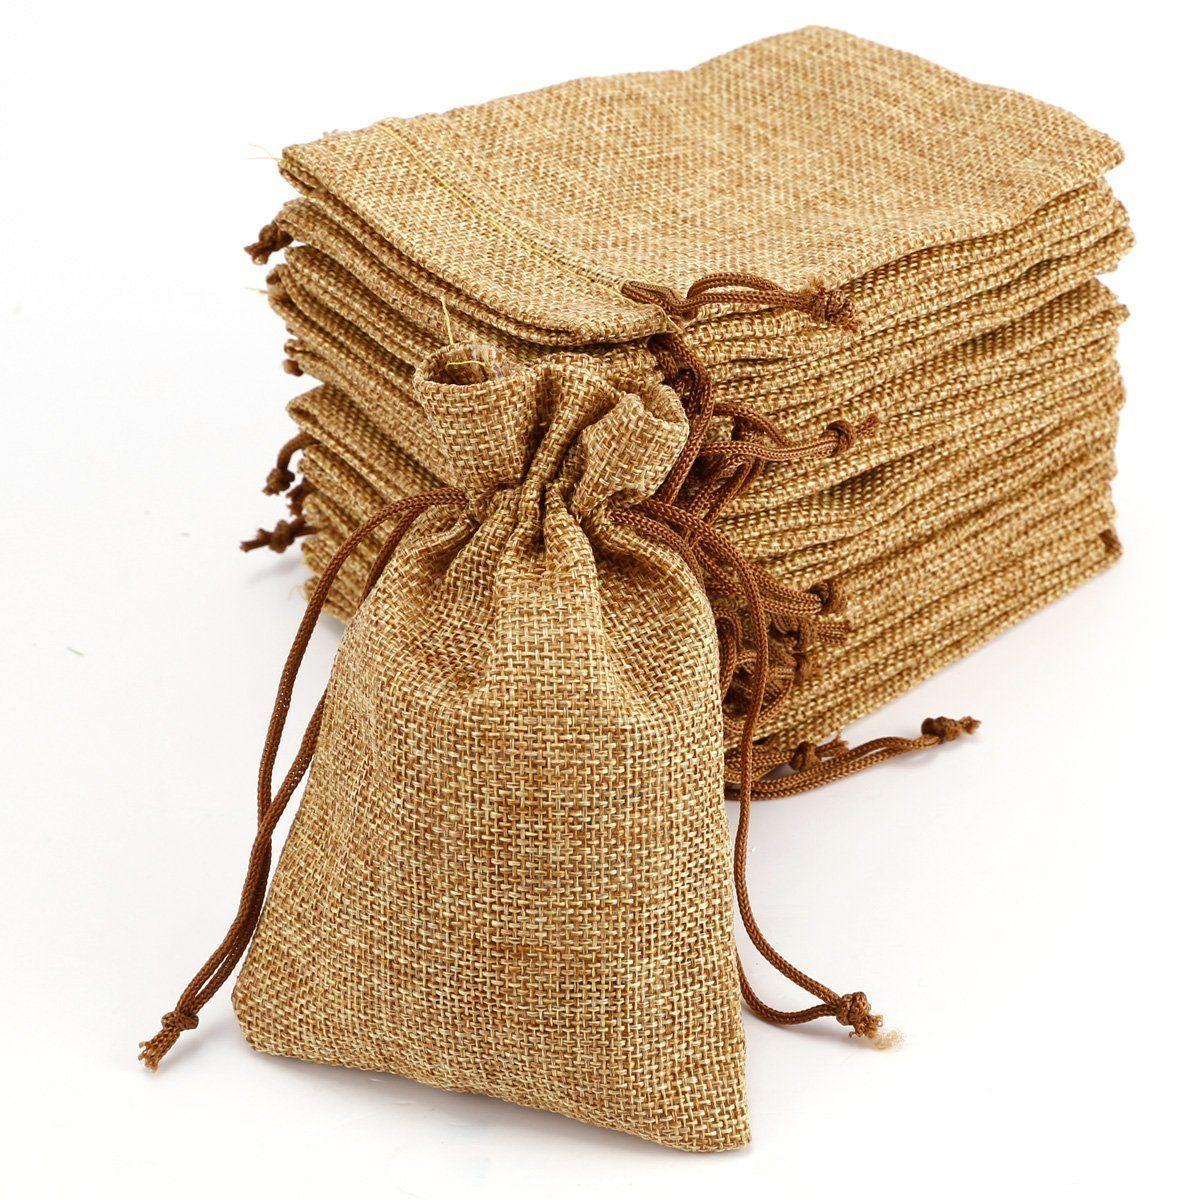 c1d93a366 20pcs Bolsa de Organza Arpillera Bolsitas de yute Bolsitas de tela de saco  para…